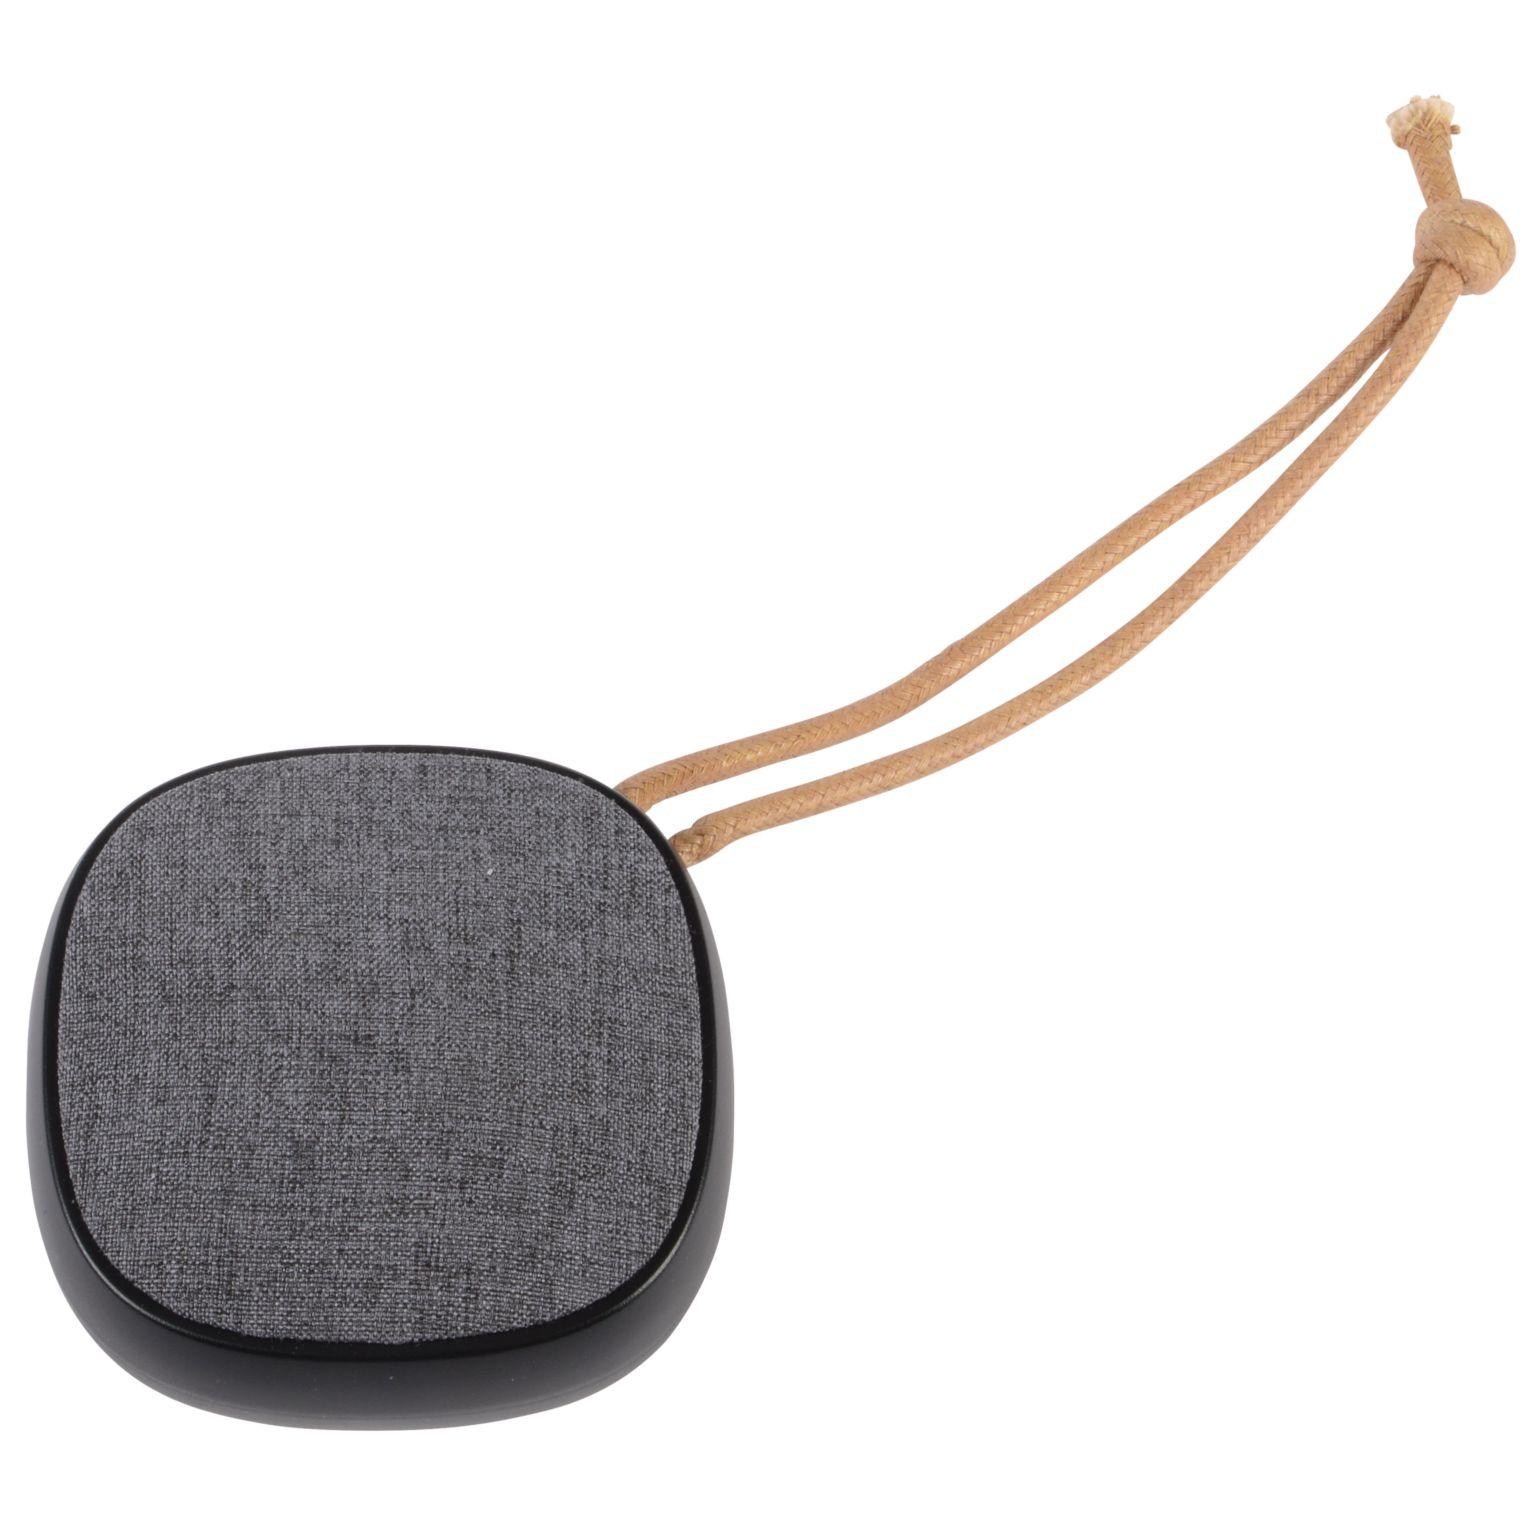 Enceinte sans fil STRAP